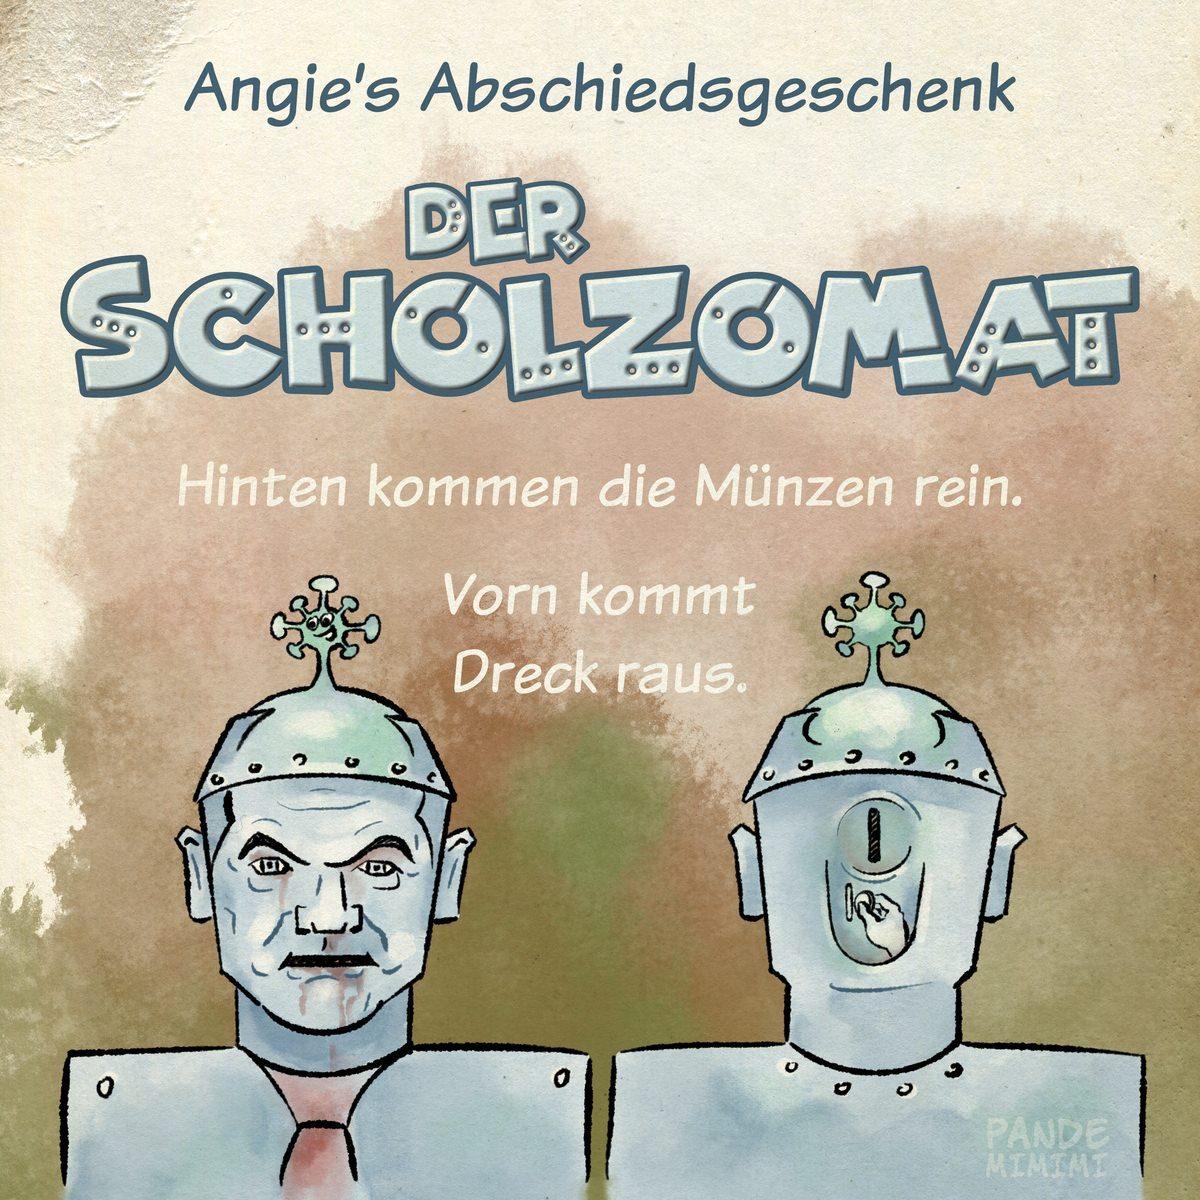 Scholzomat